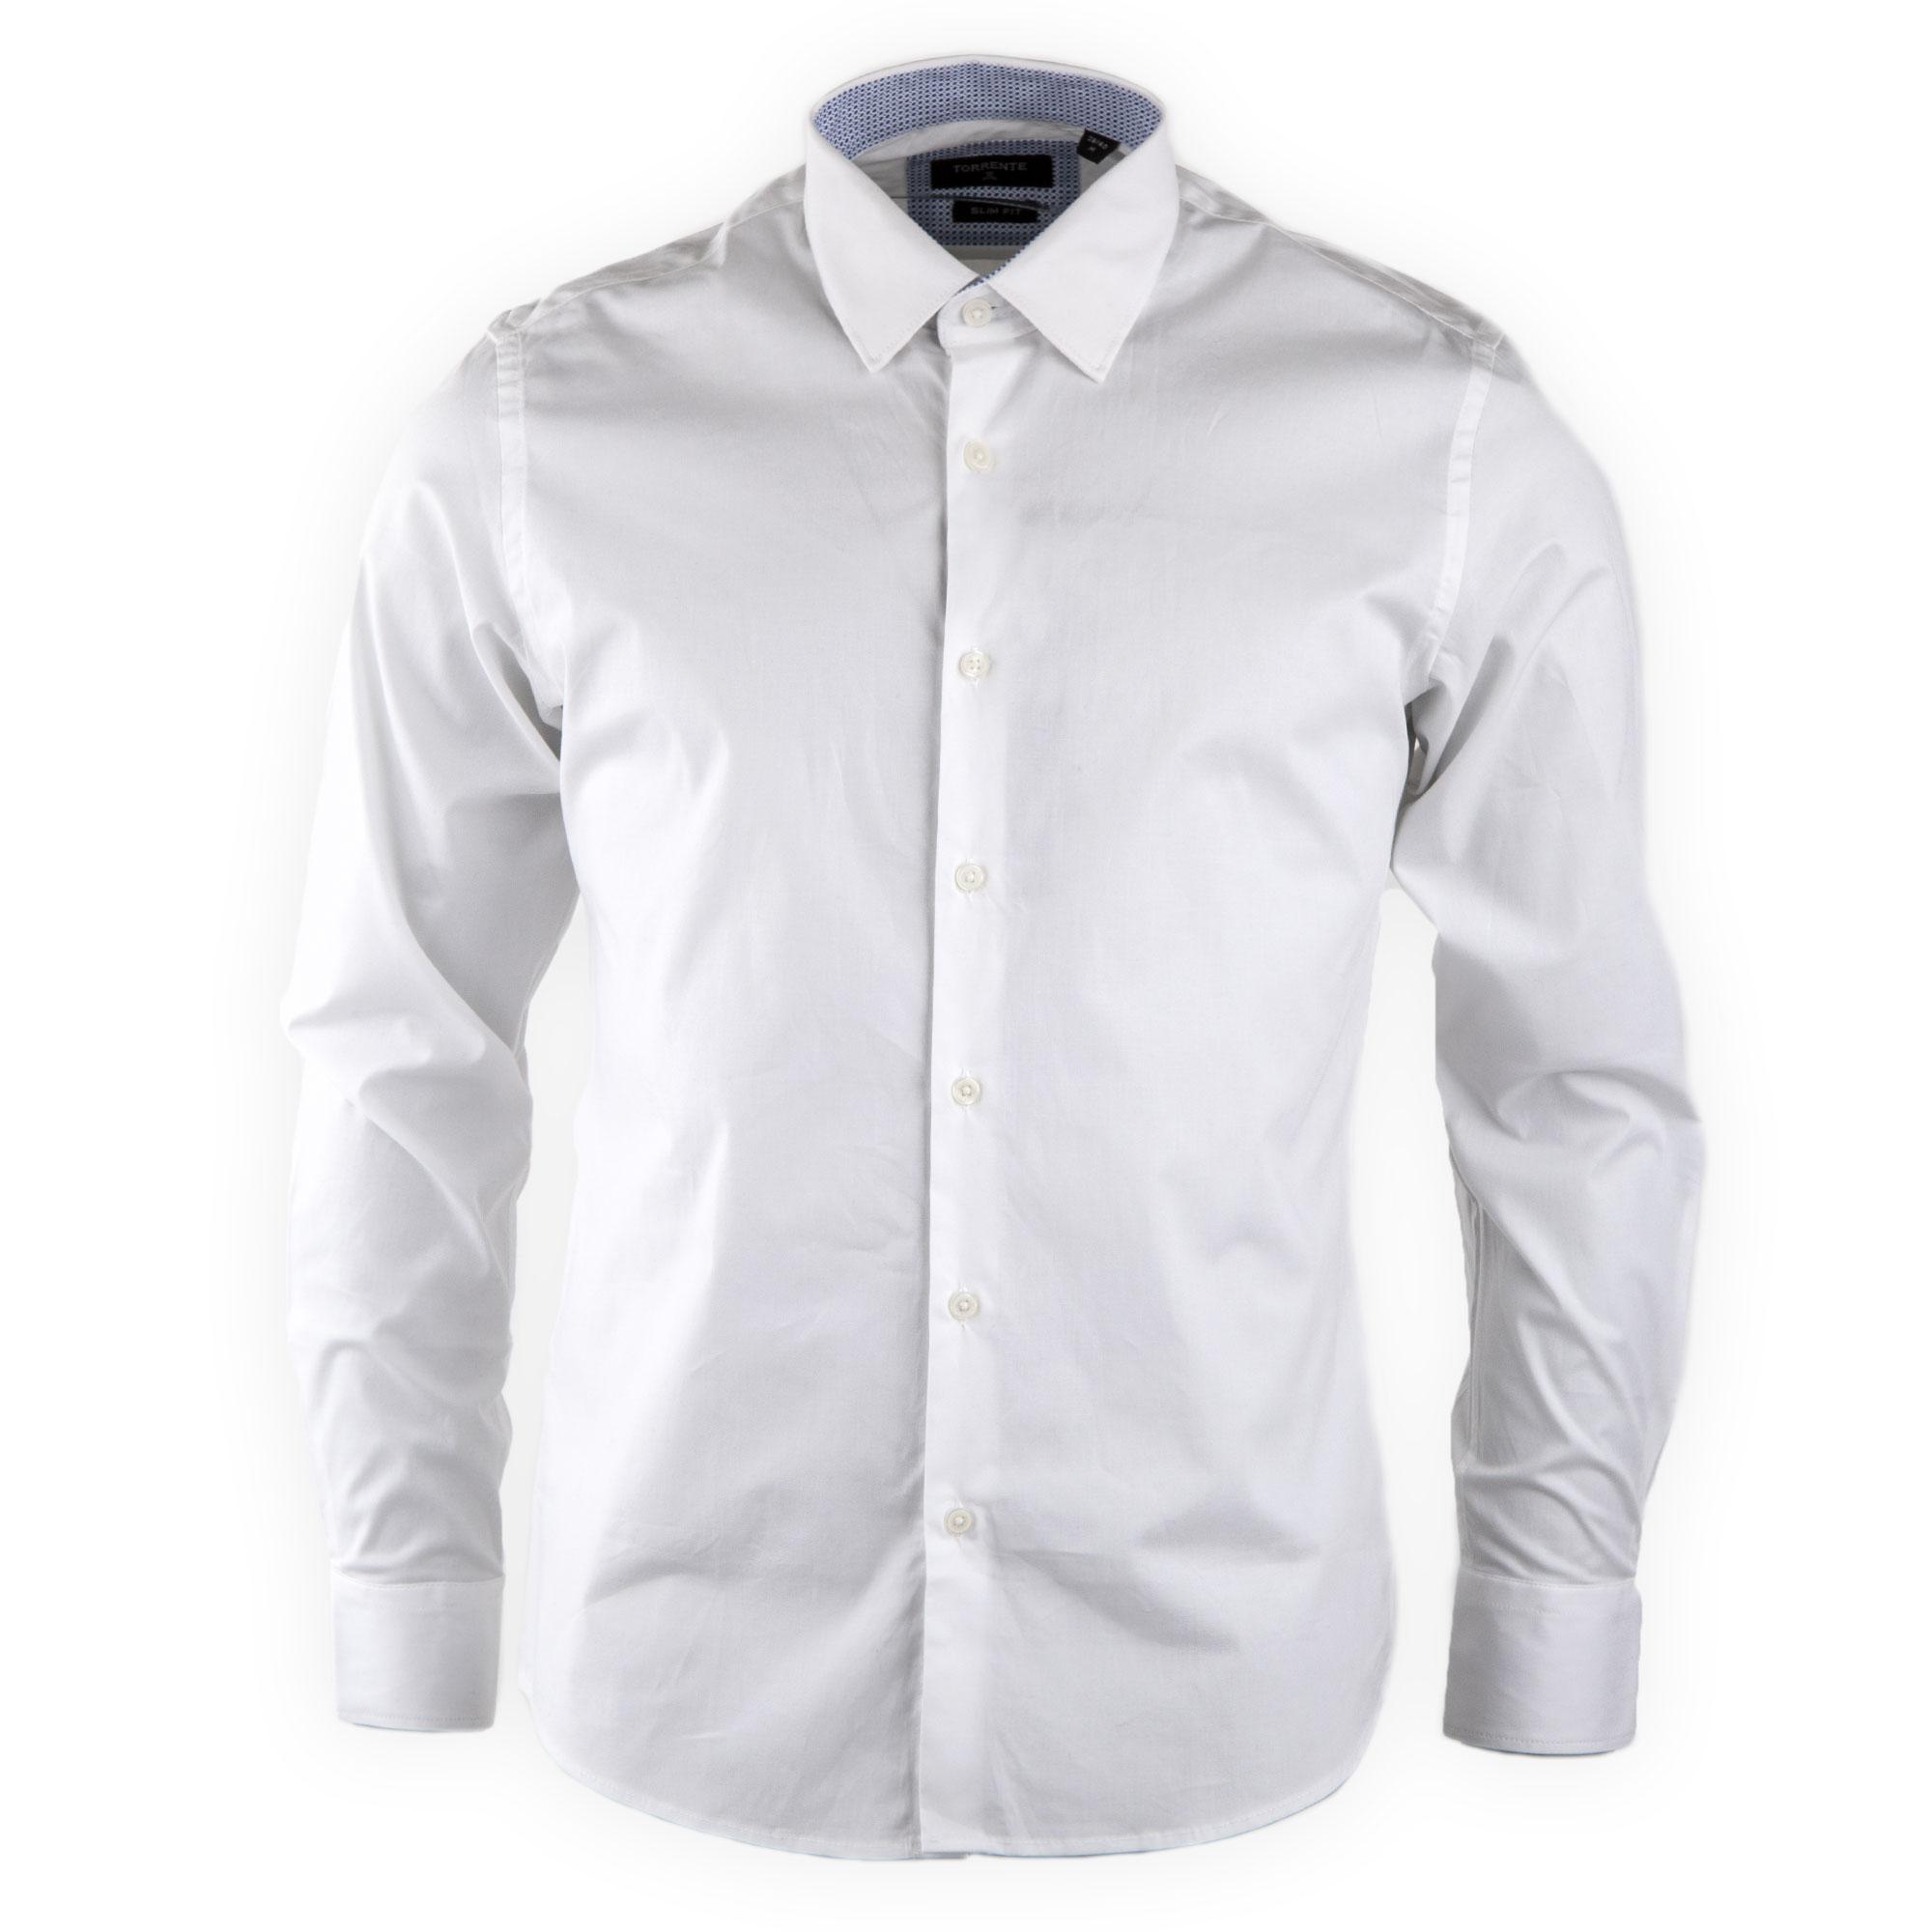 01bed212a4712 La chemise blanche est le grand classique indémodable du dressing masculin.  Craquez pour ce modèle à la coupe slim fit. Chemise homme 25299 29.99 ...